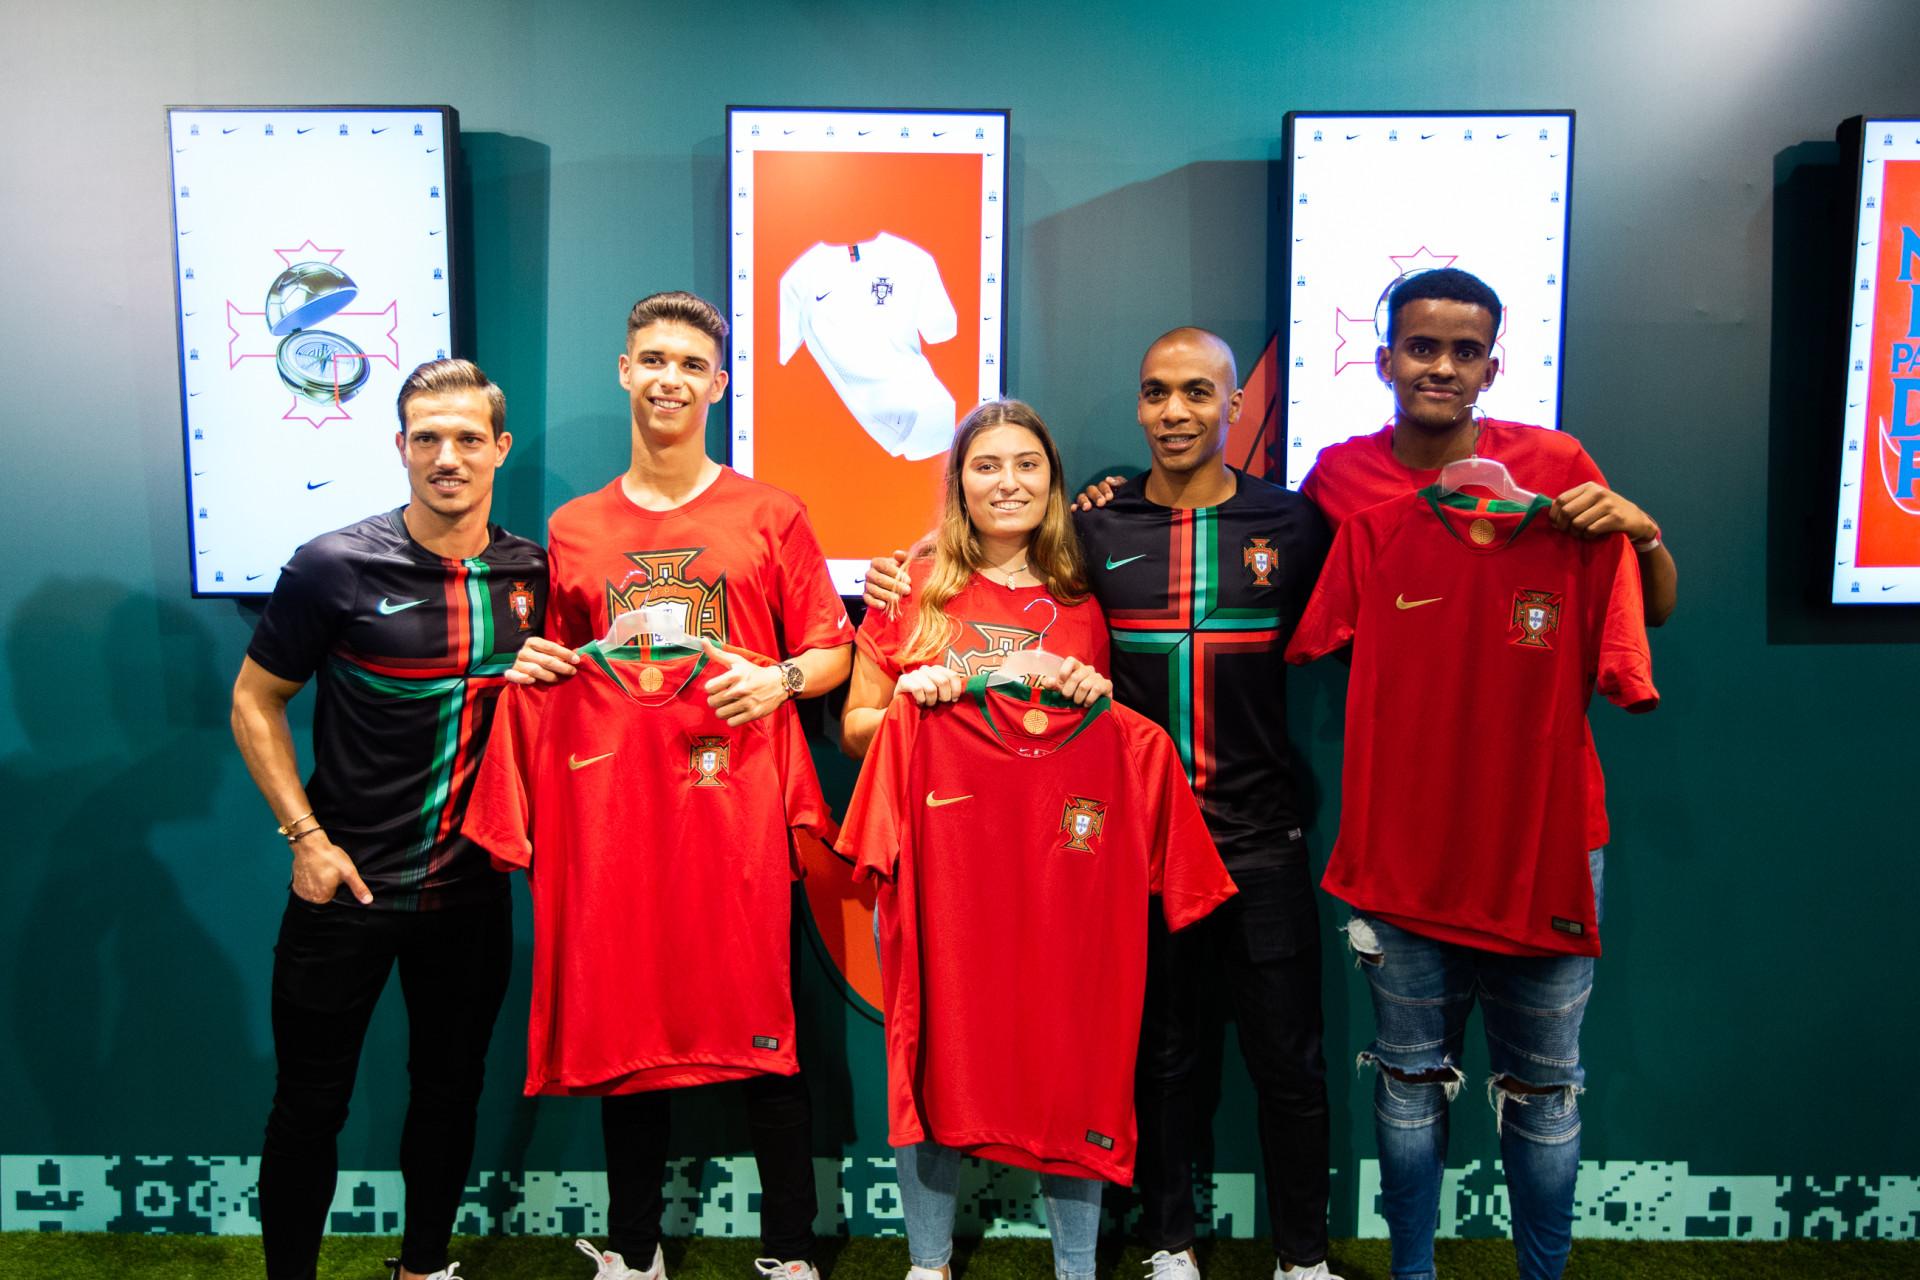 Oito jogadores da seleção nacional animaram a tarde no Chiado